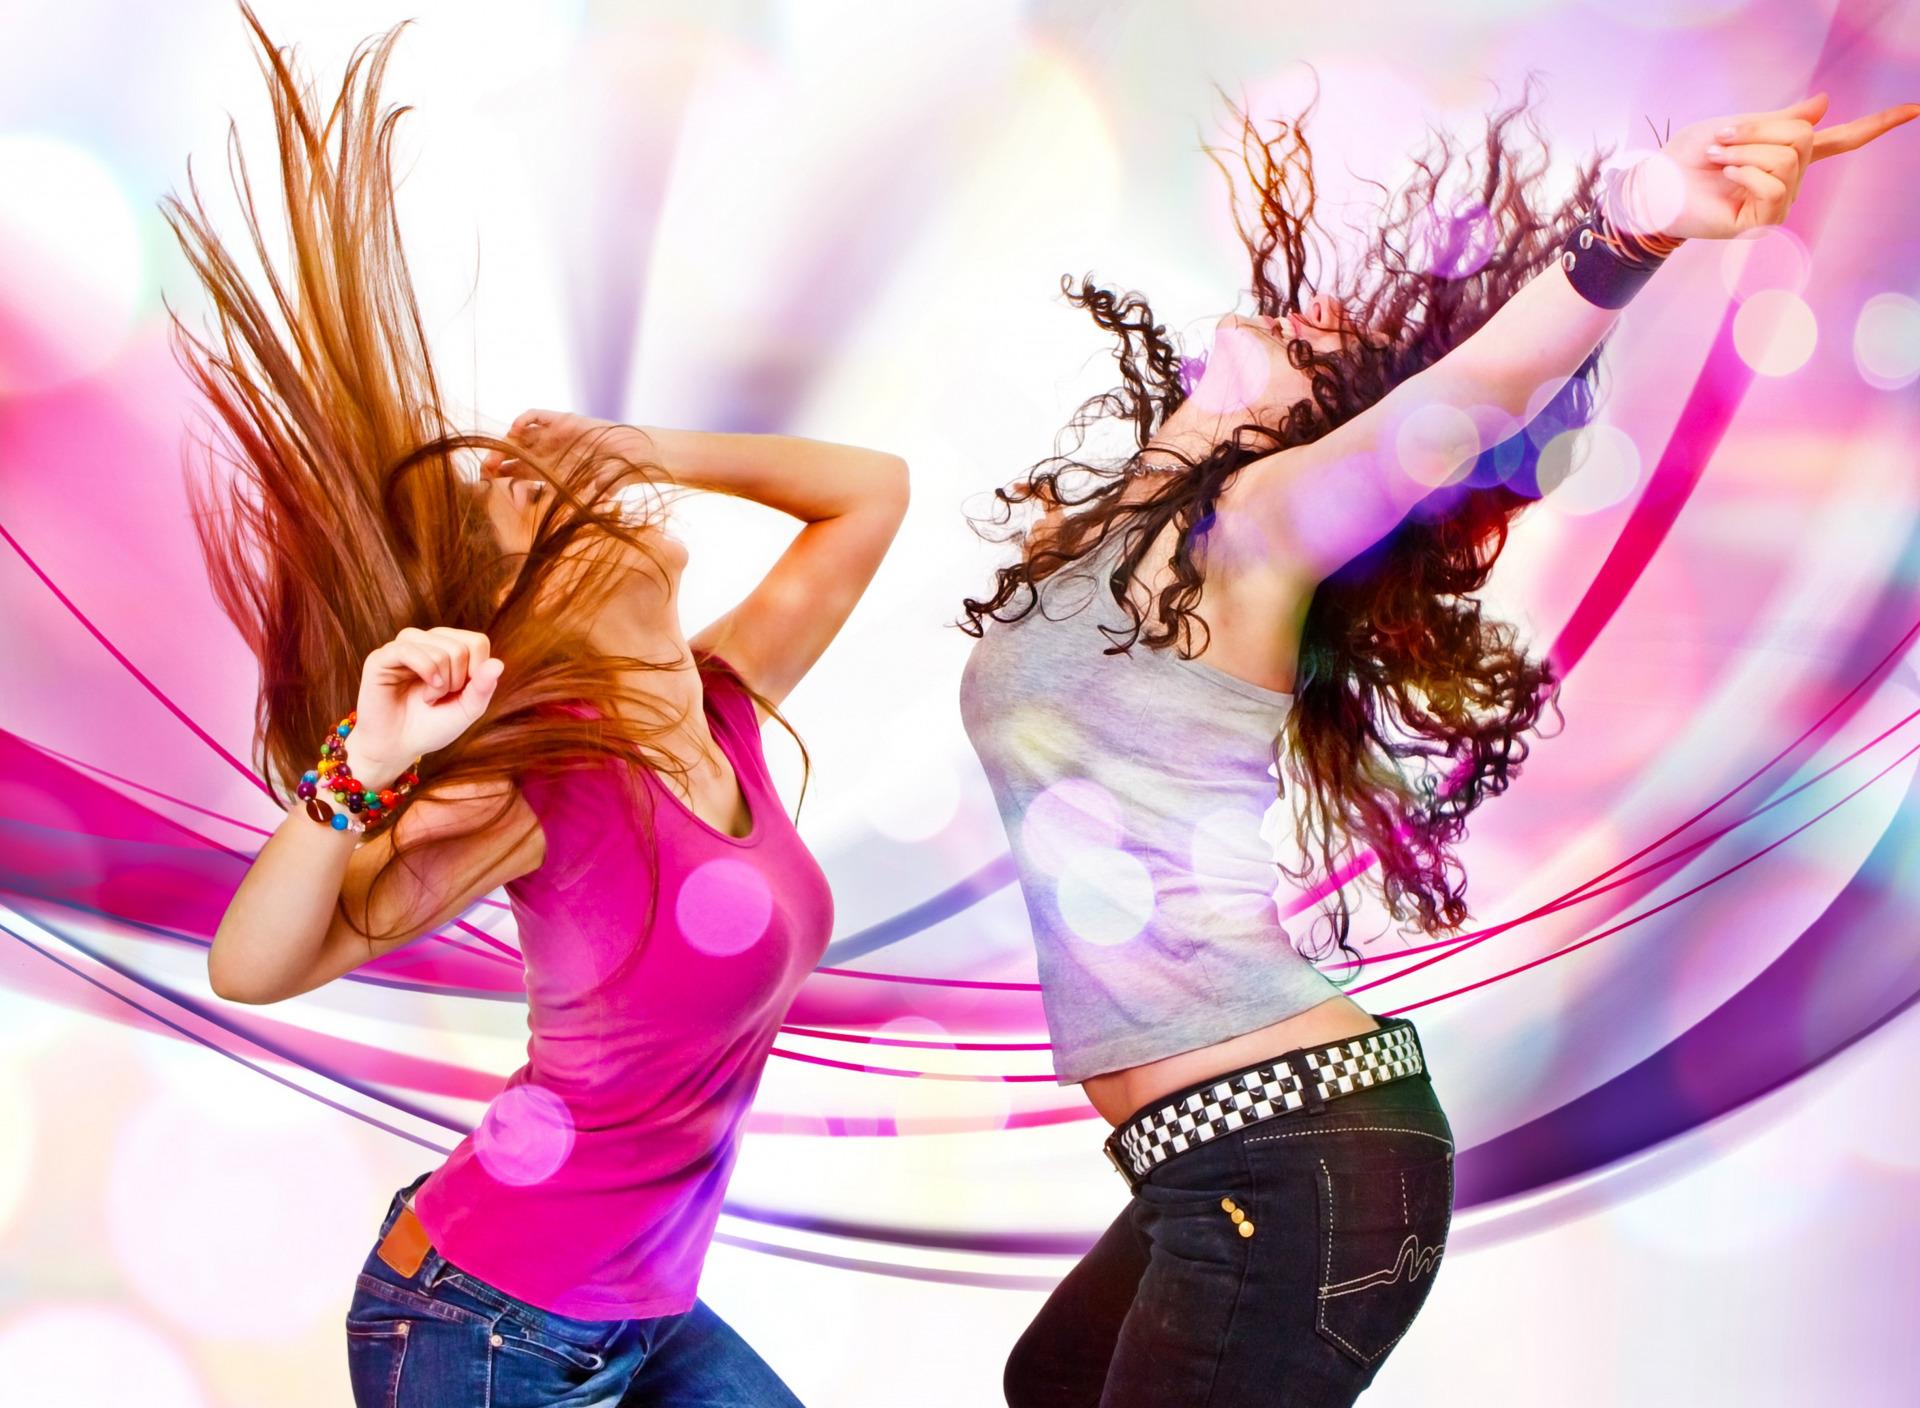 Картинки танцев яркие